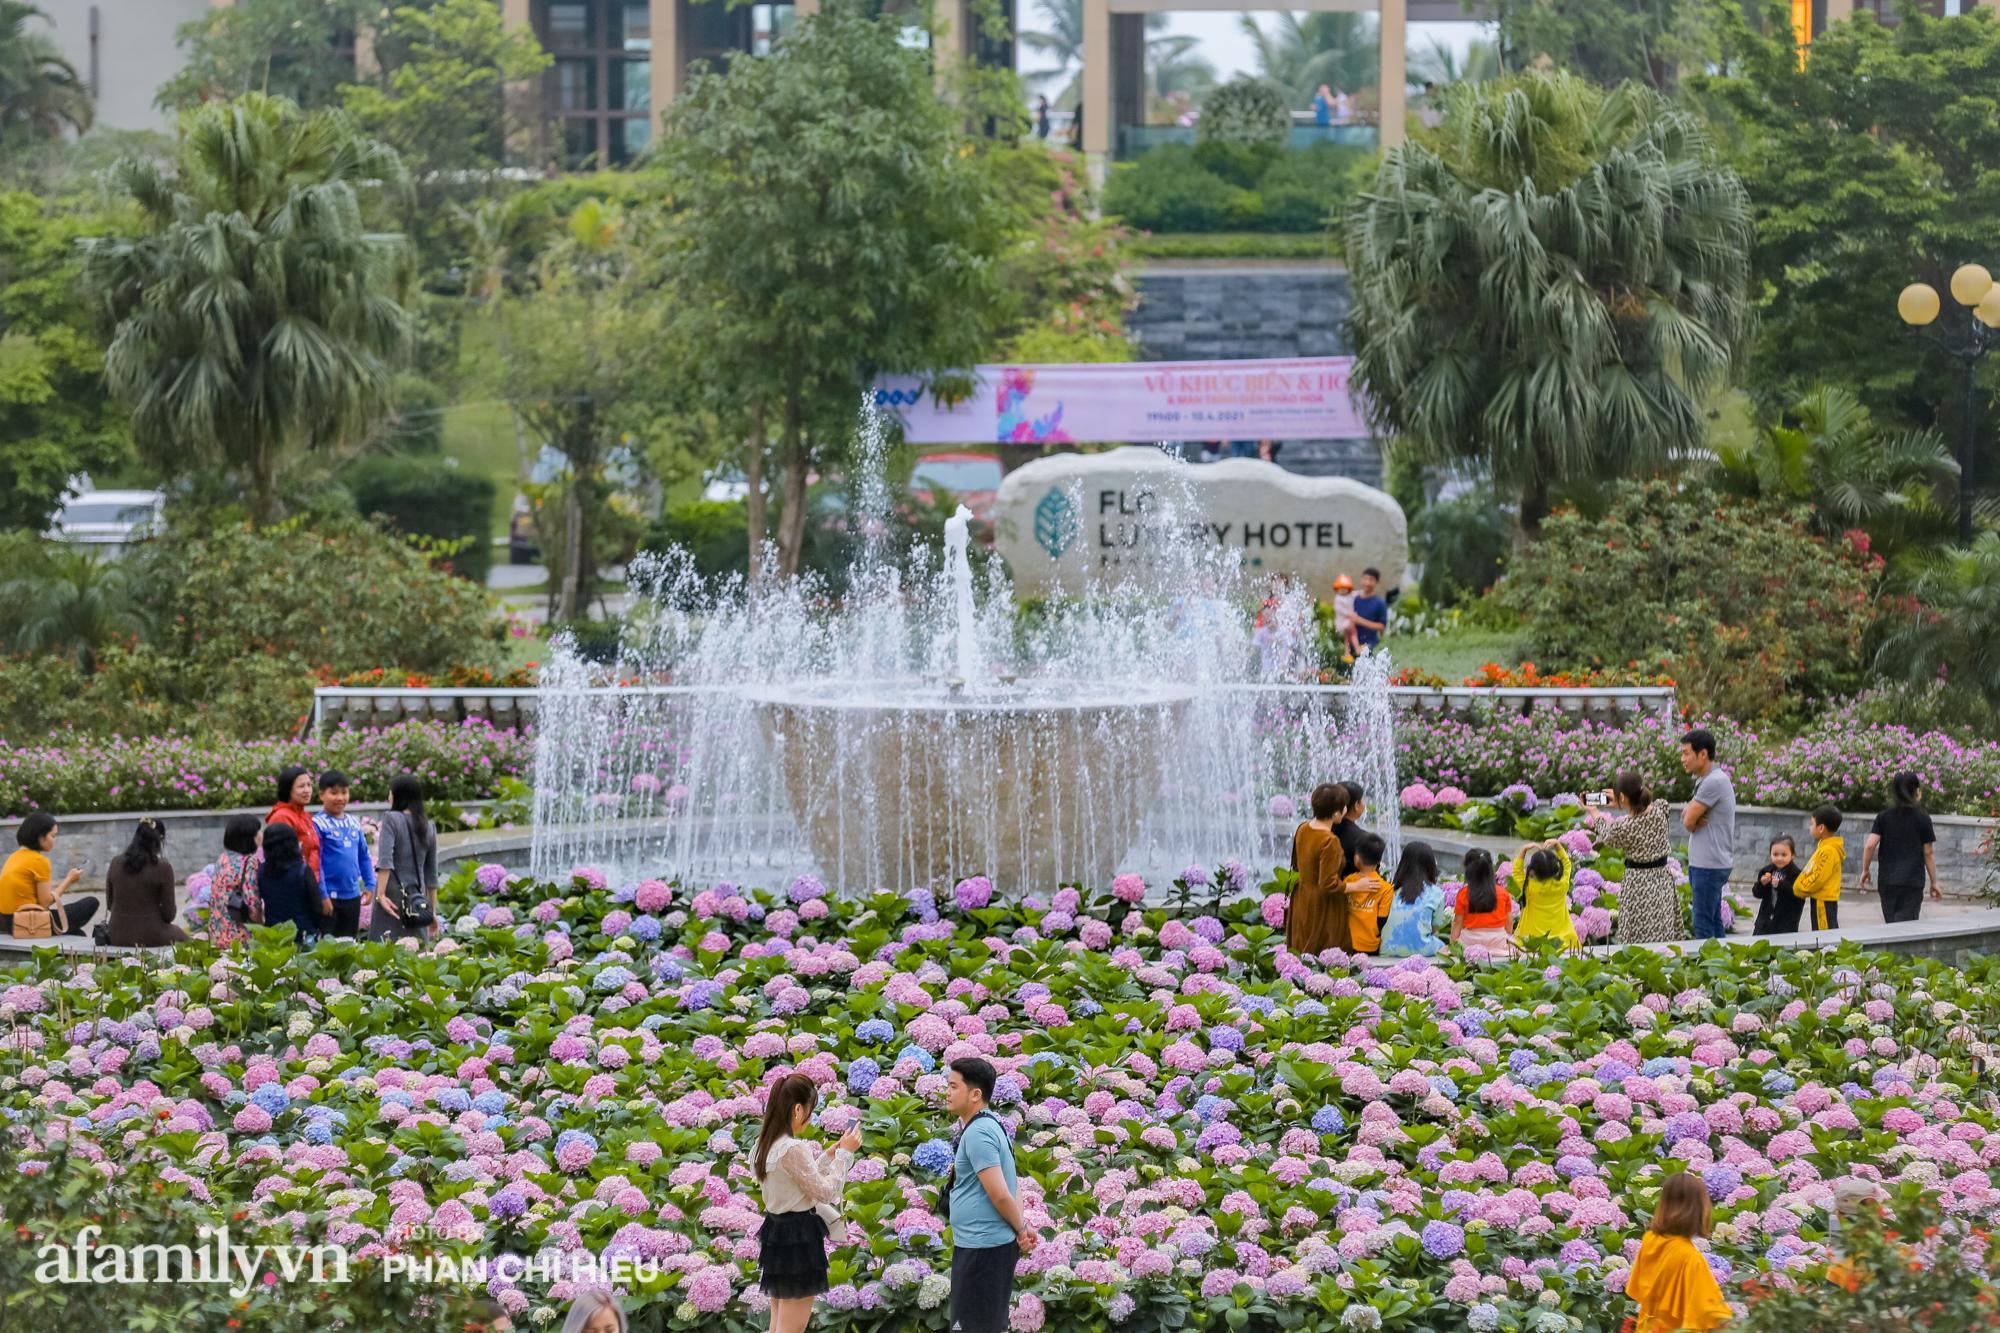 Vườn hoa cẩm tú cầu 'siêu to khổng lồ' ở Sầm Sơn hút hàng nghìn người tìm tới chụp ảnh vào cuối tuần, dù chưa Tết nhưng vẫn được chiêm ngưỡng pháo hoa bắn ngợp trời - 5